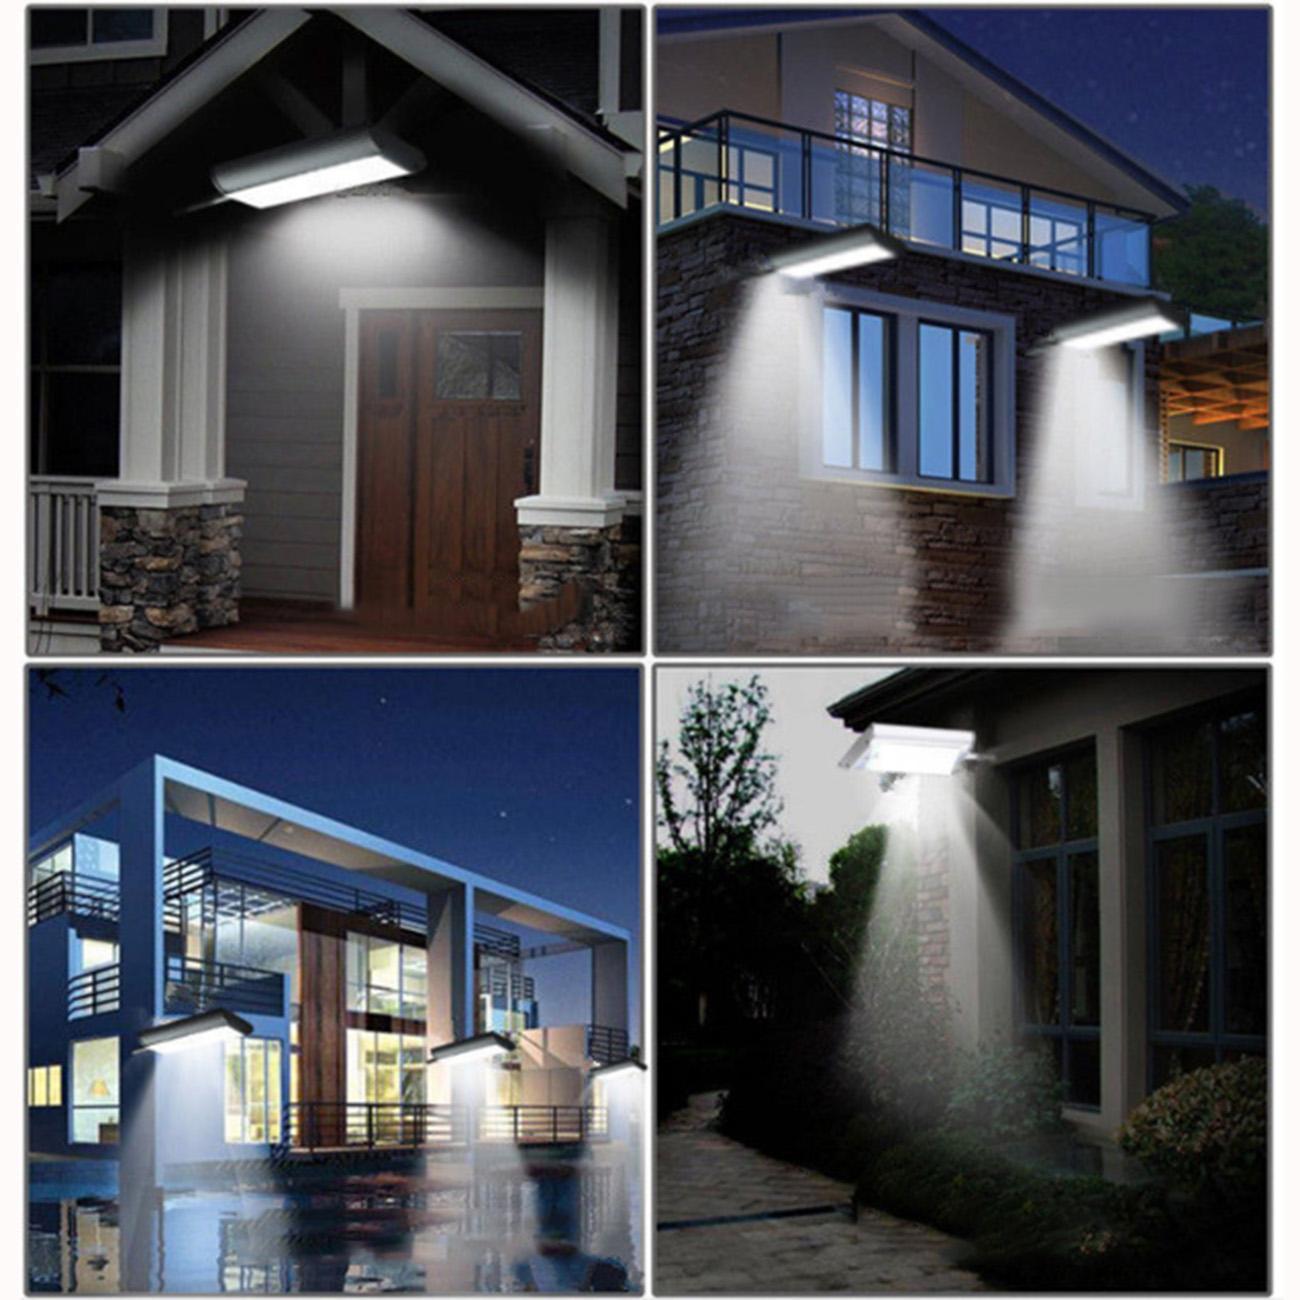 70LED Solarleuchte Außen Wandlampe Wandleuchte Fernbedienung Gartenlampe IP65